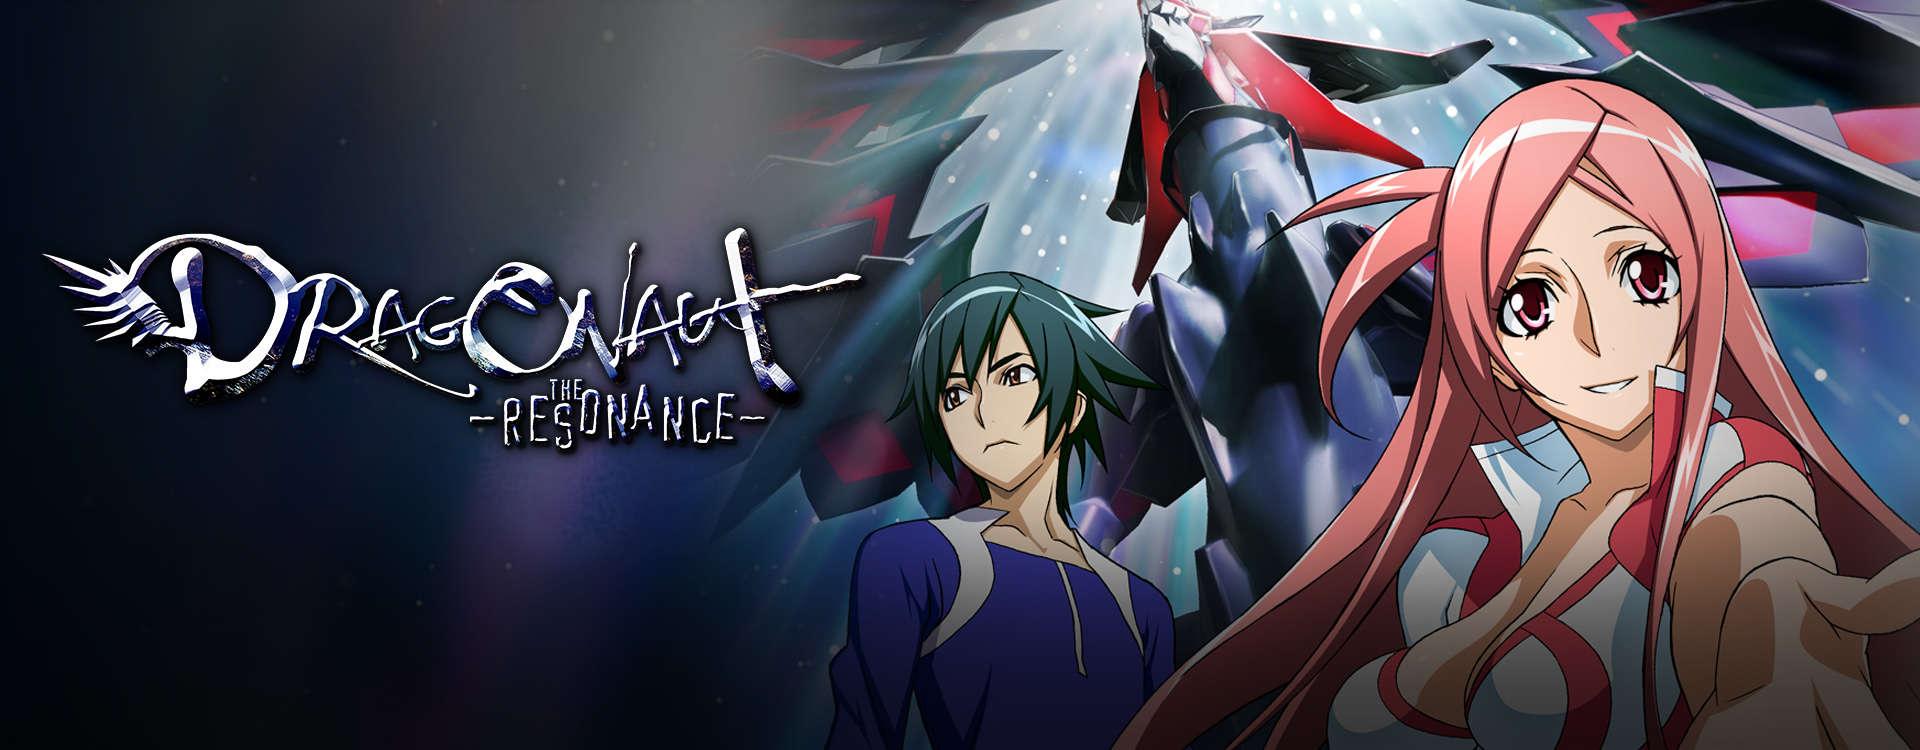 Dragonaut -THE RESONANCE-